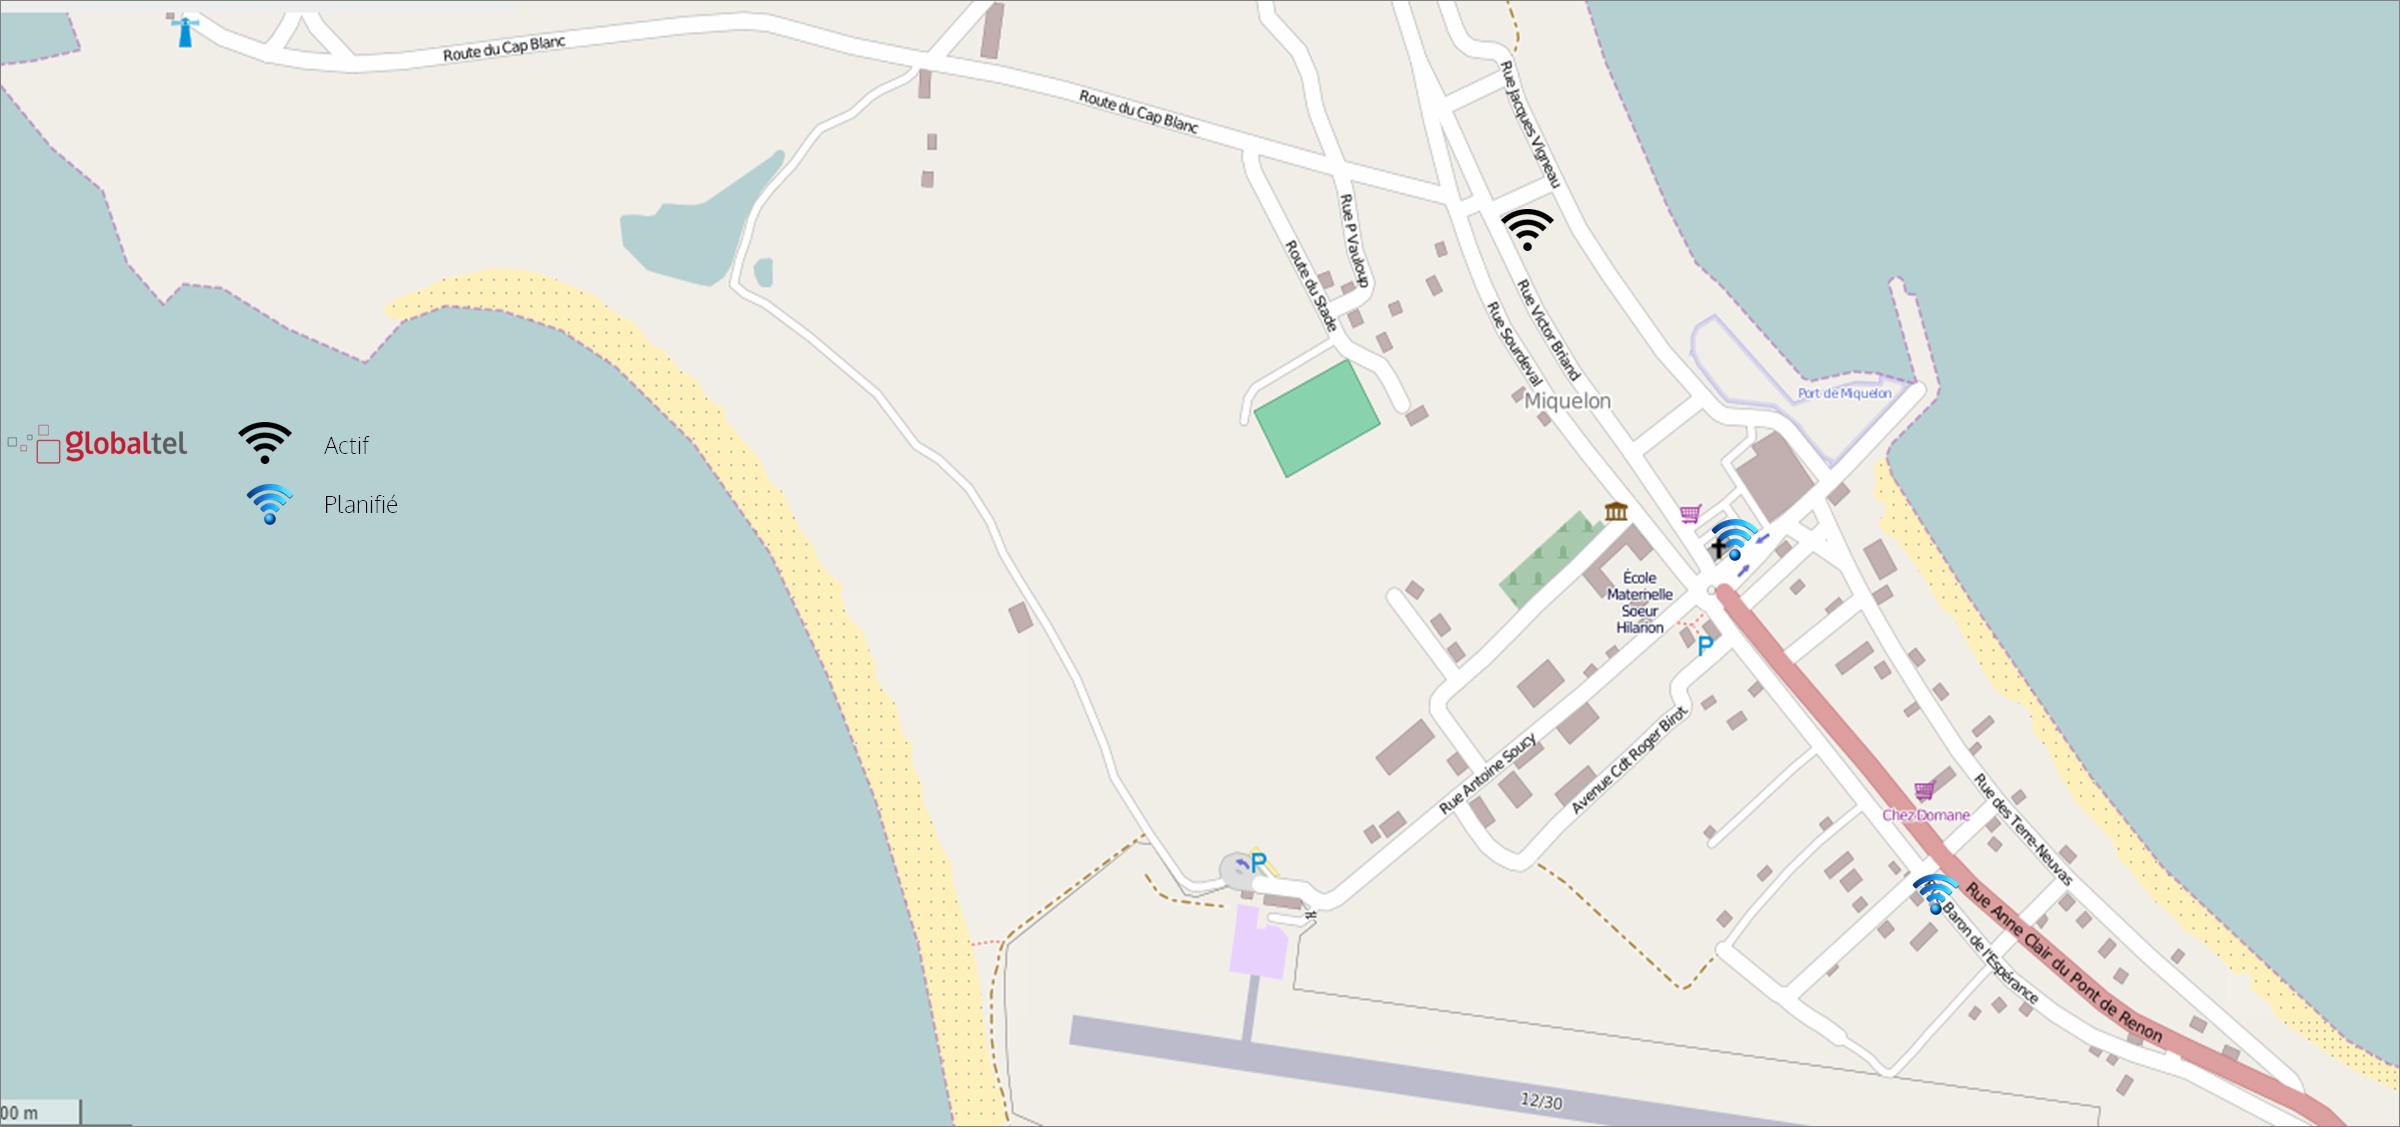 Couverture Wifi pour site web-Miquelon